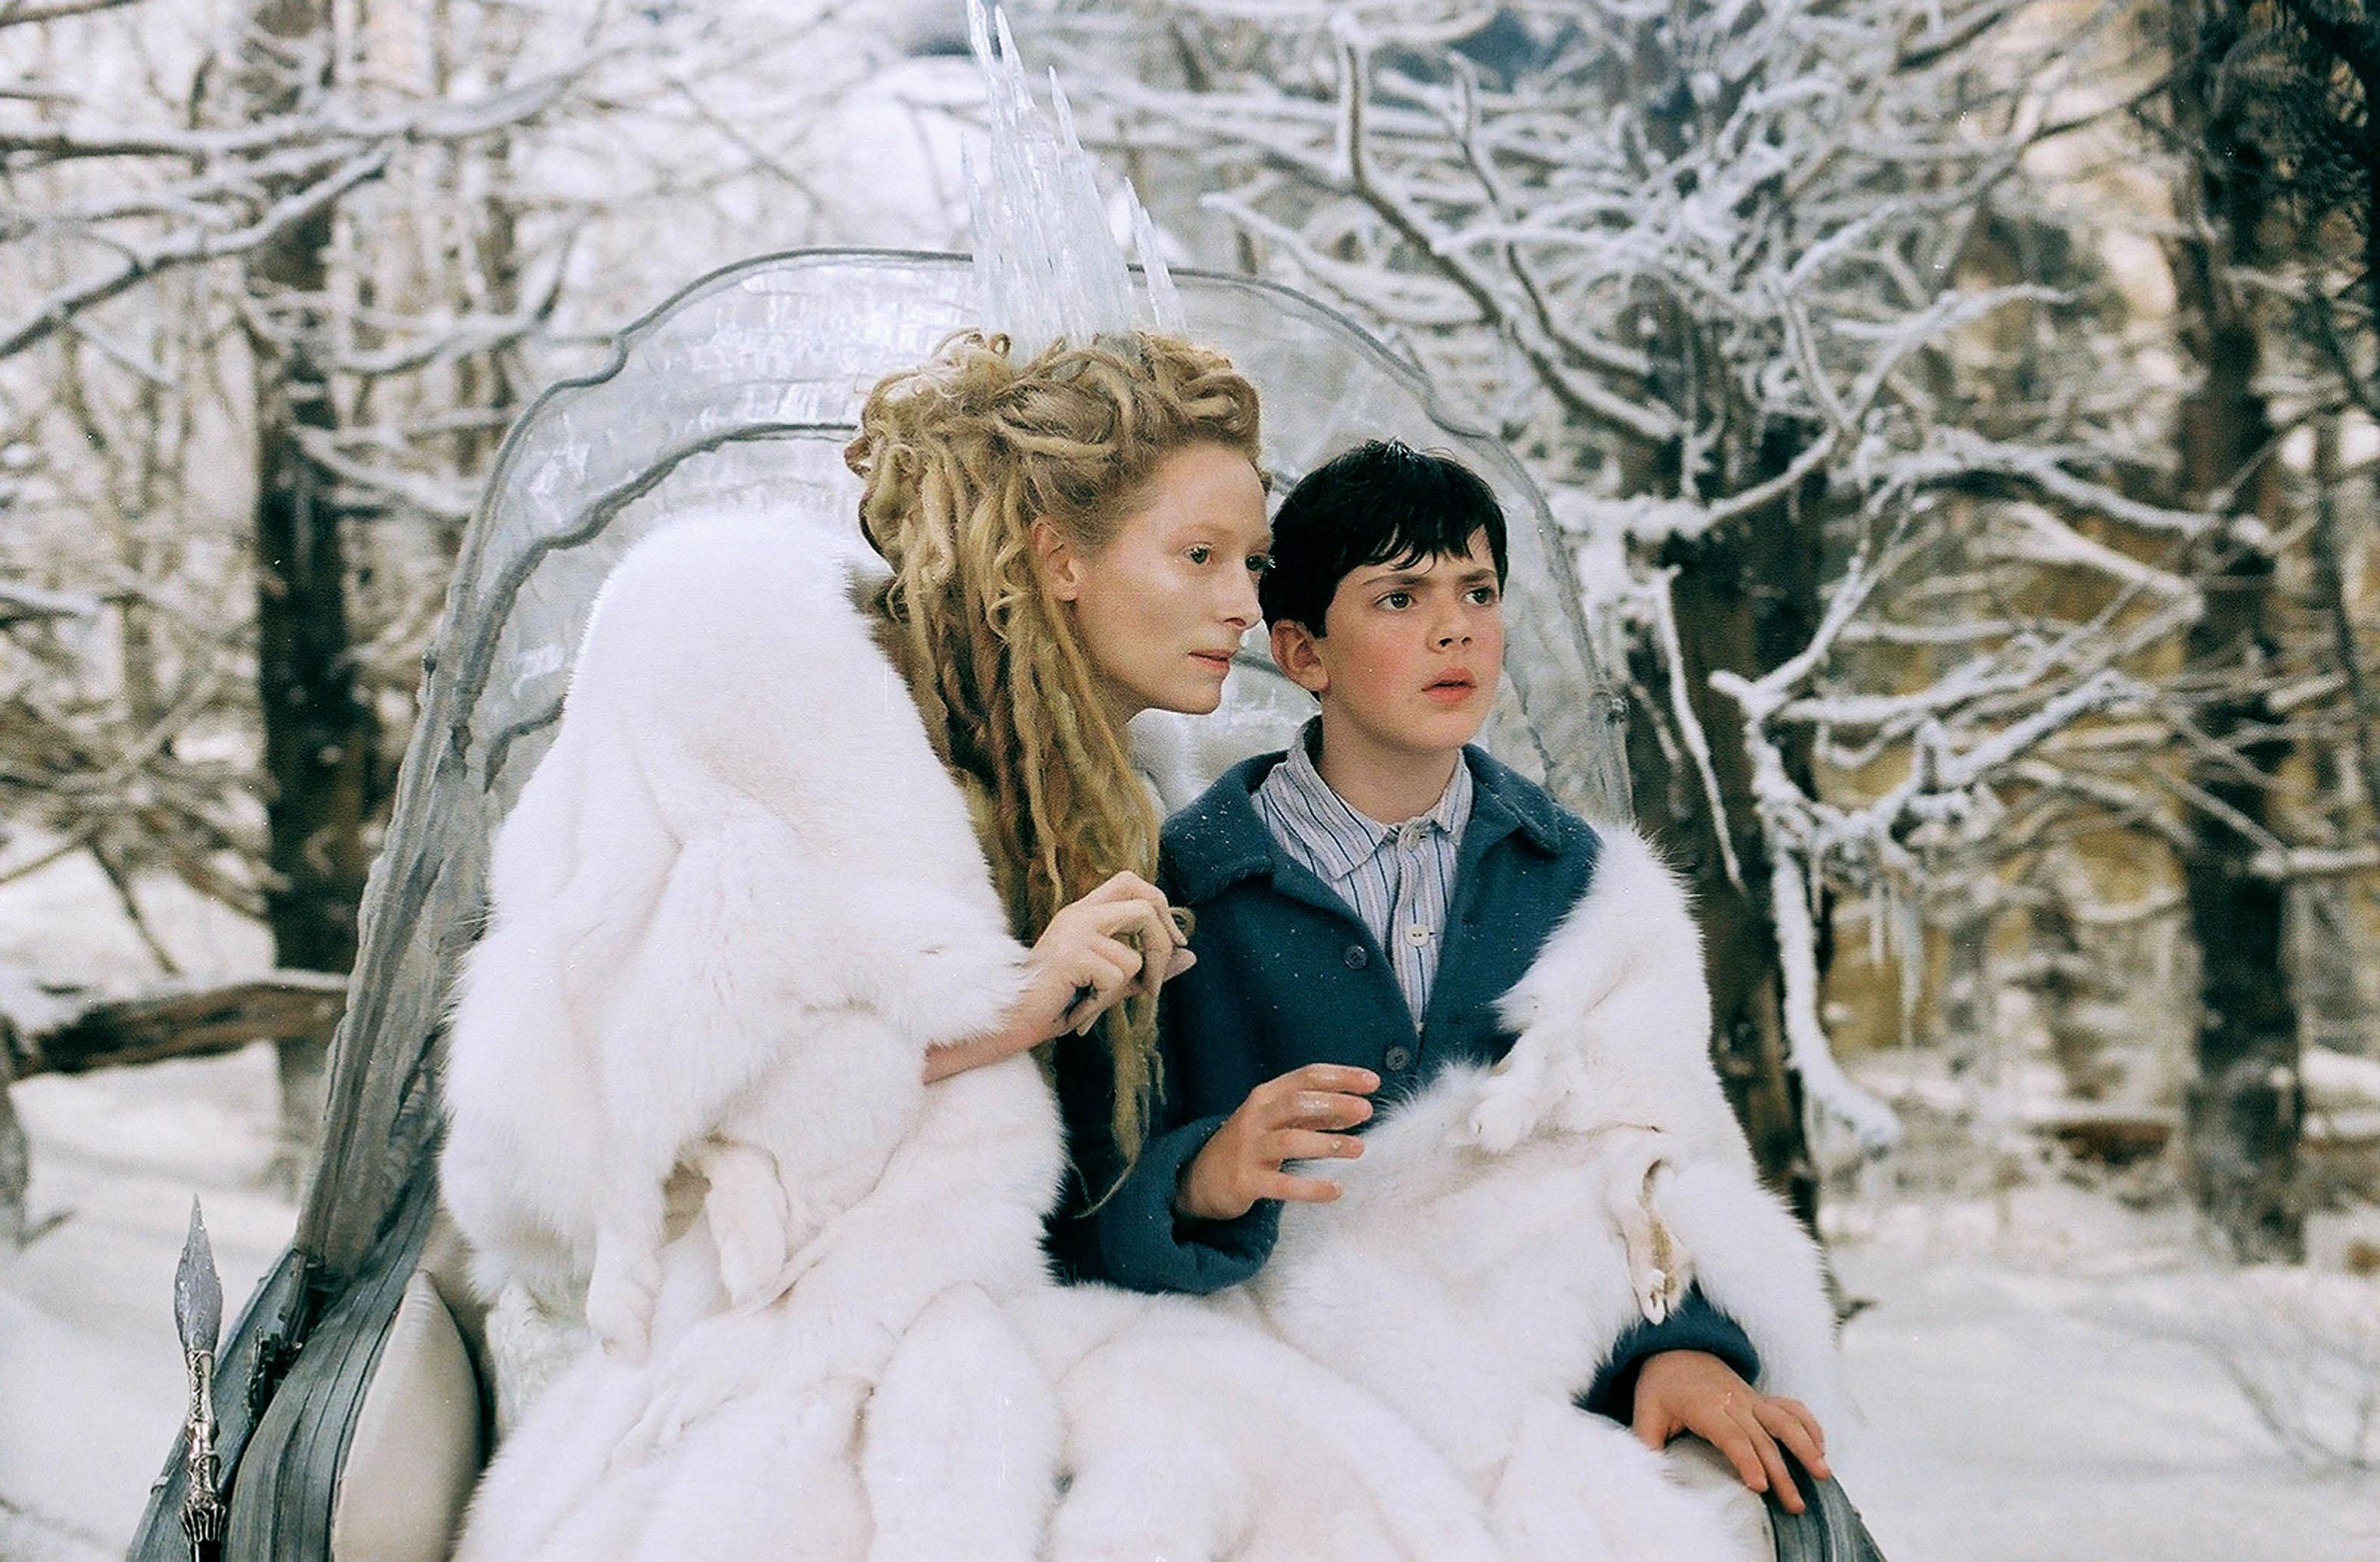 Хроники Нарнии Лев, Колдунья и волшебный шкаф (The Chronicles of Narnia The Lion, the Witch and the Wardrobe, 2005